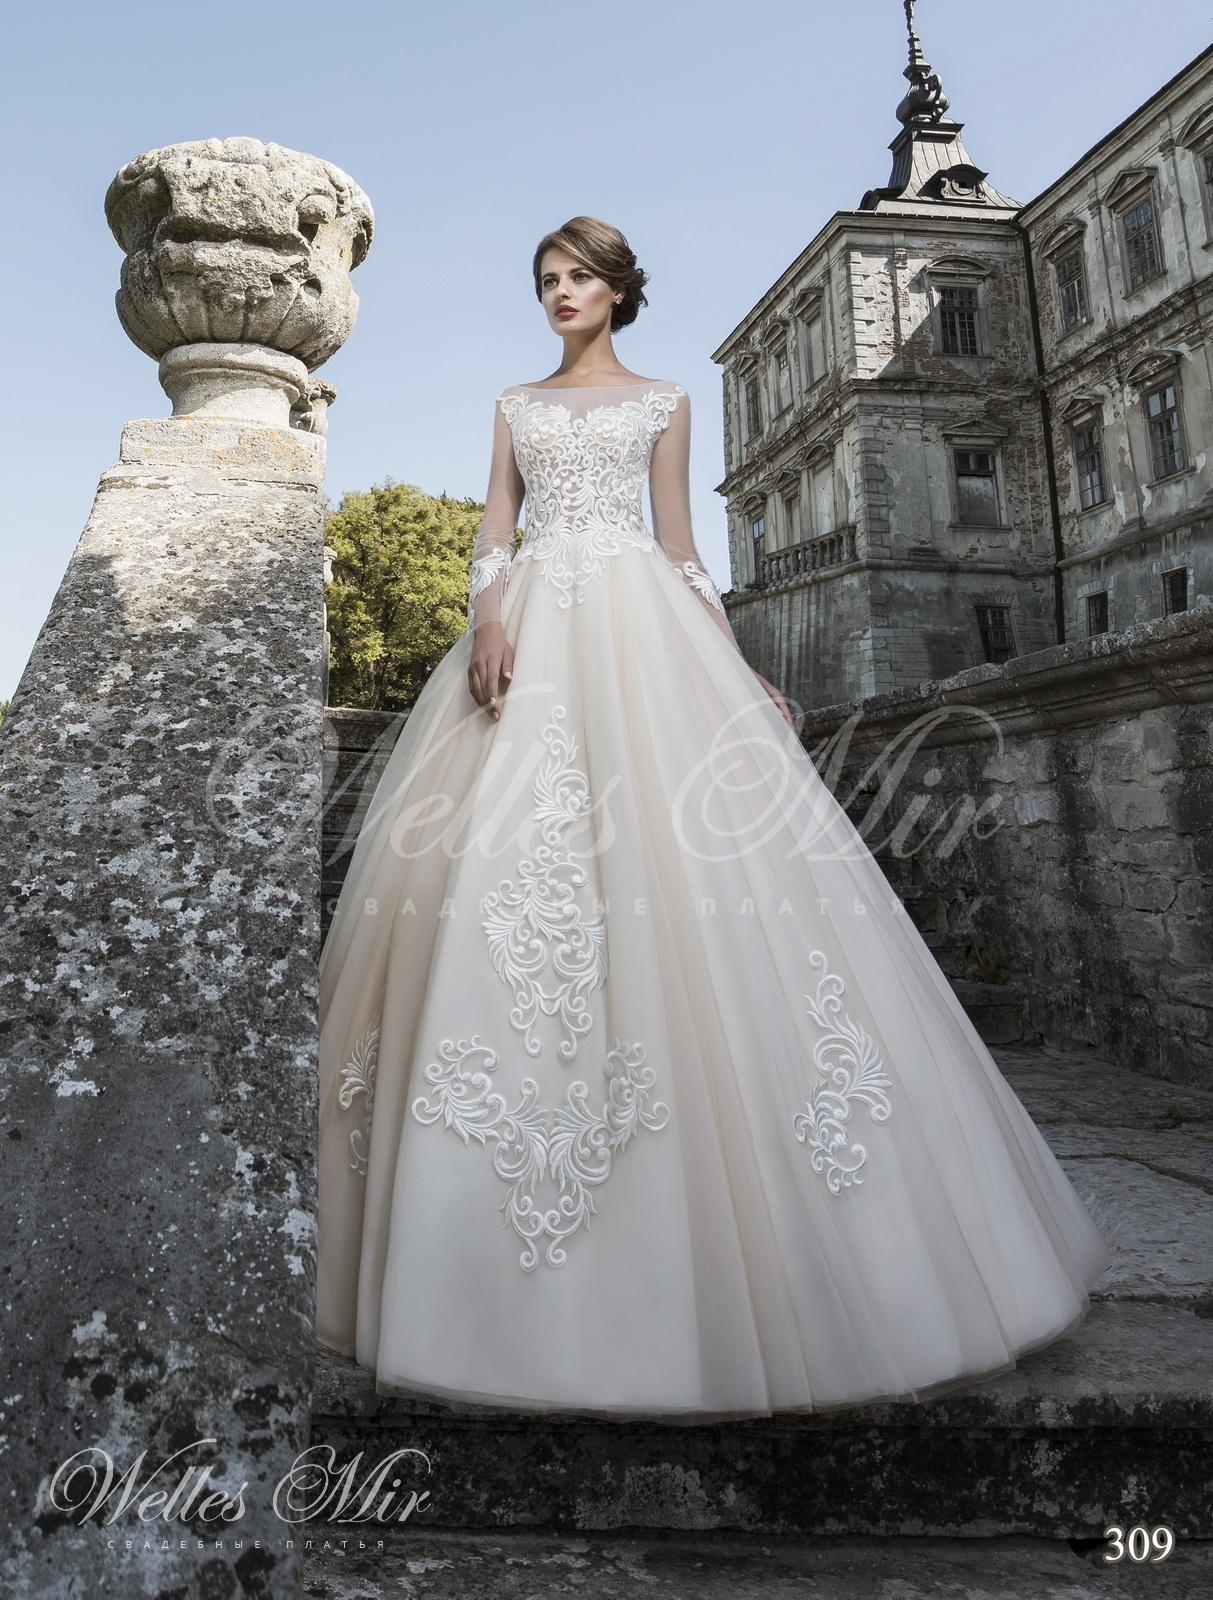 Свадебные платья Exquisite Collection - 309